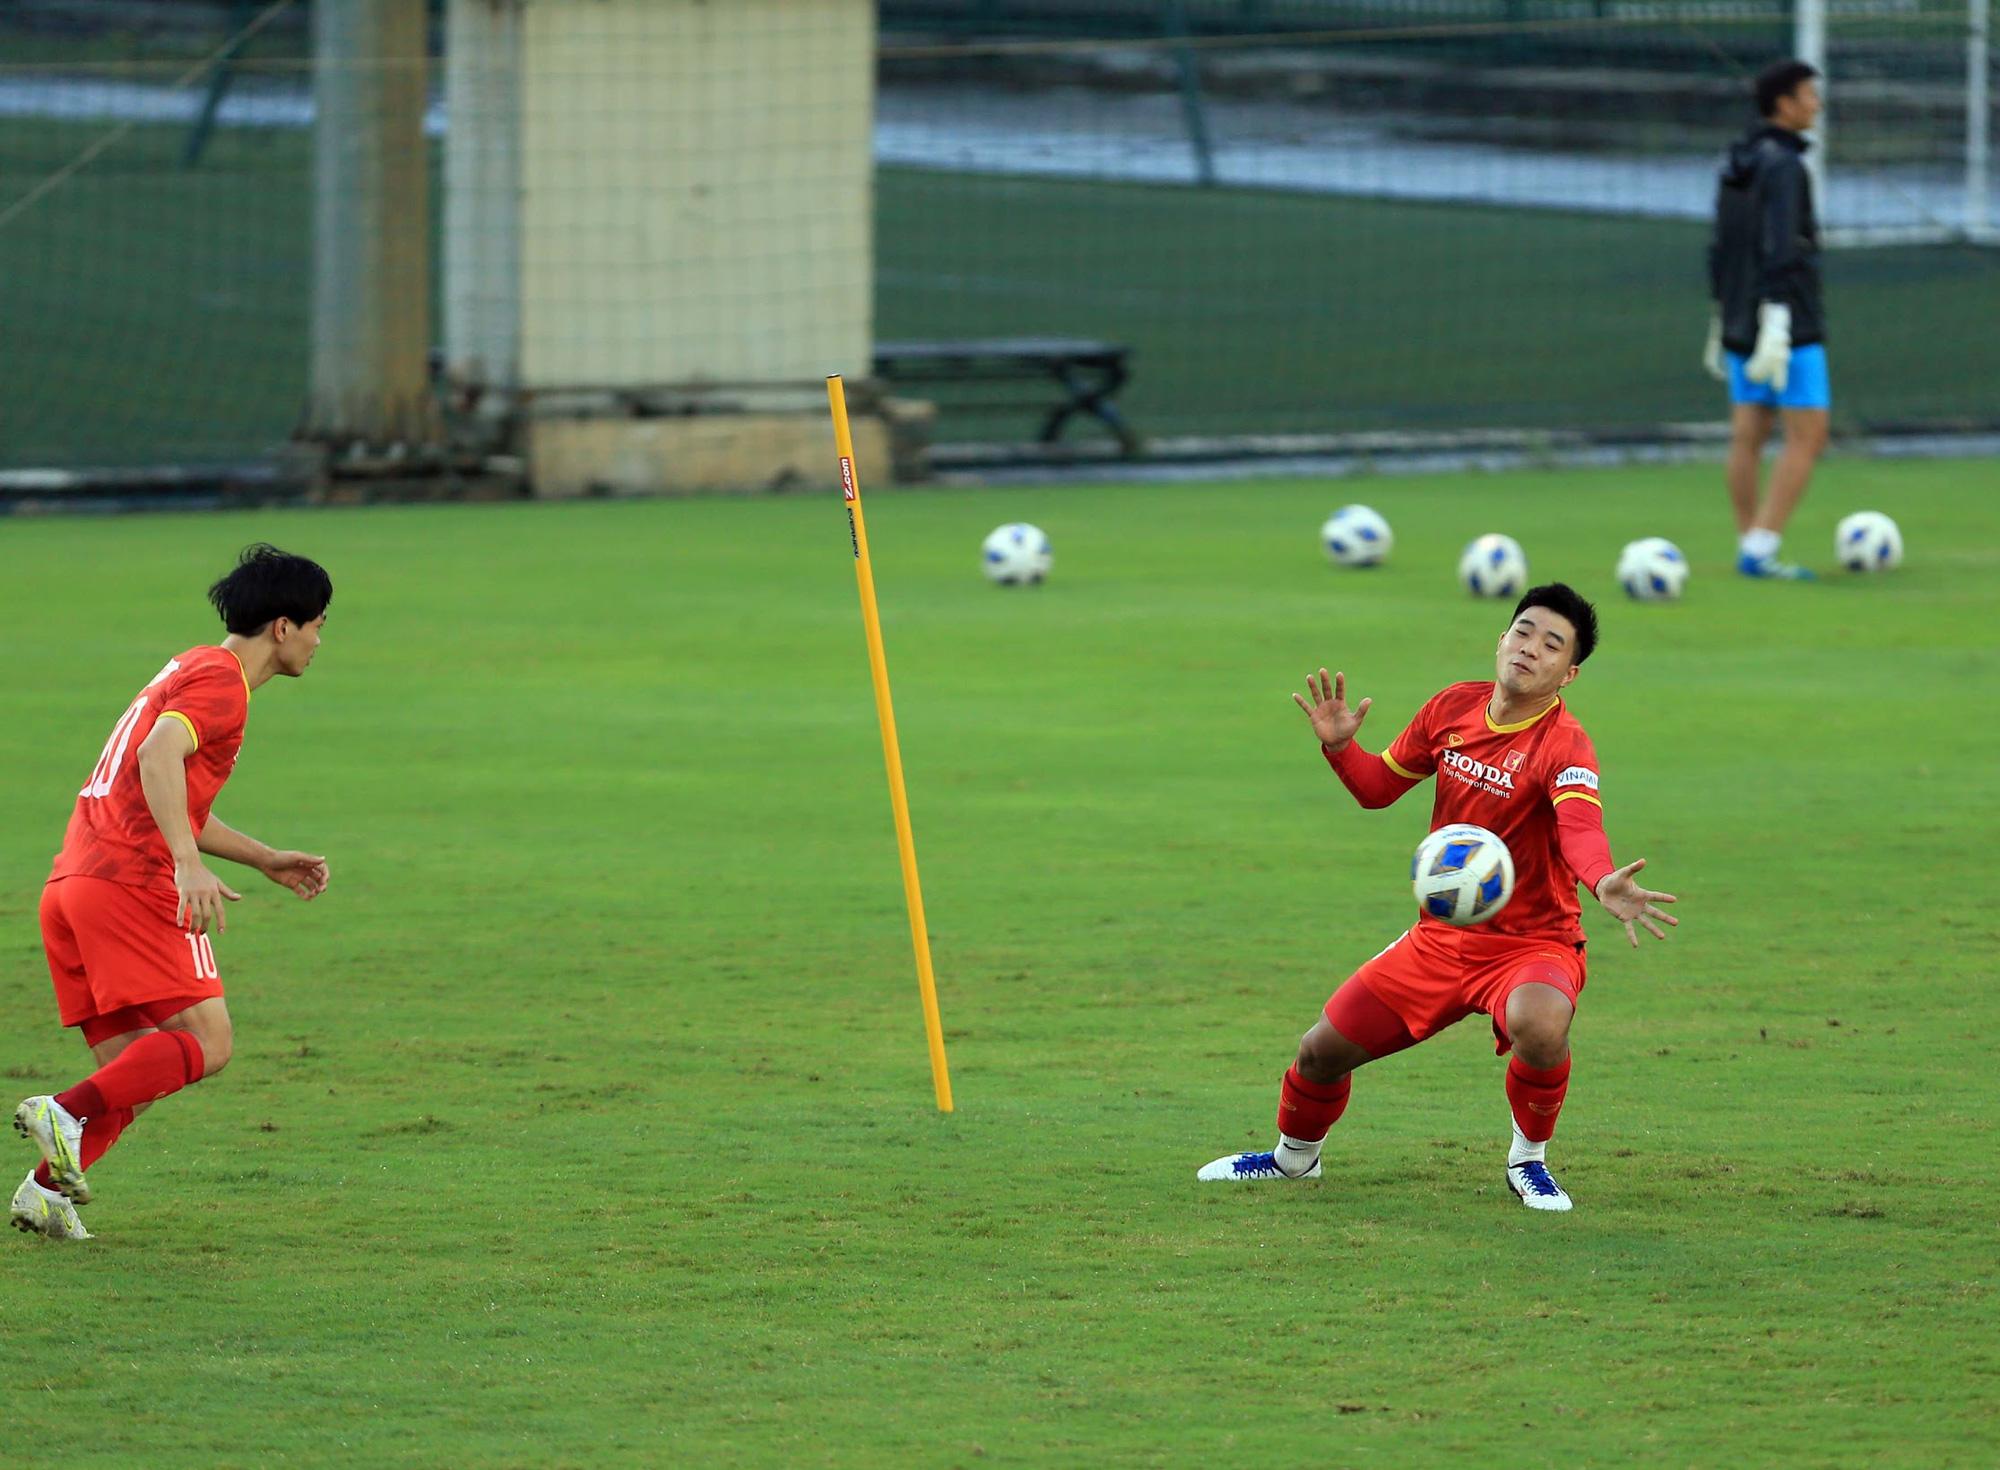 Tuấn Anh và đồng đội hào hứng khi trở thành thủ môn bất đắc dĩ cho tuyển Việt Nam - ảnh 4